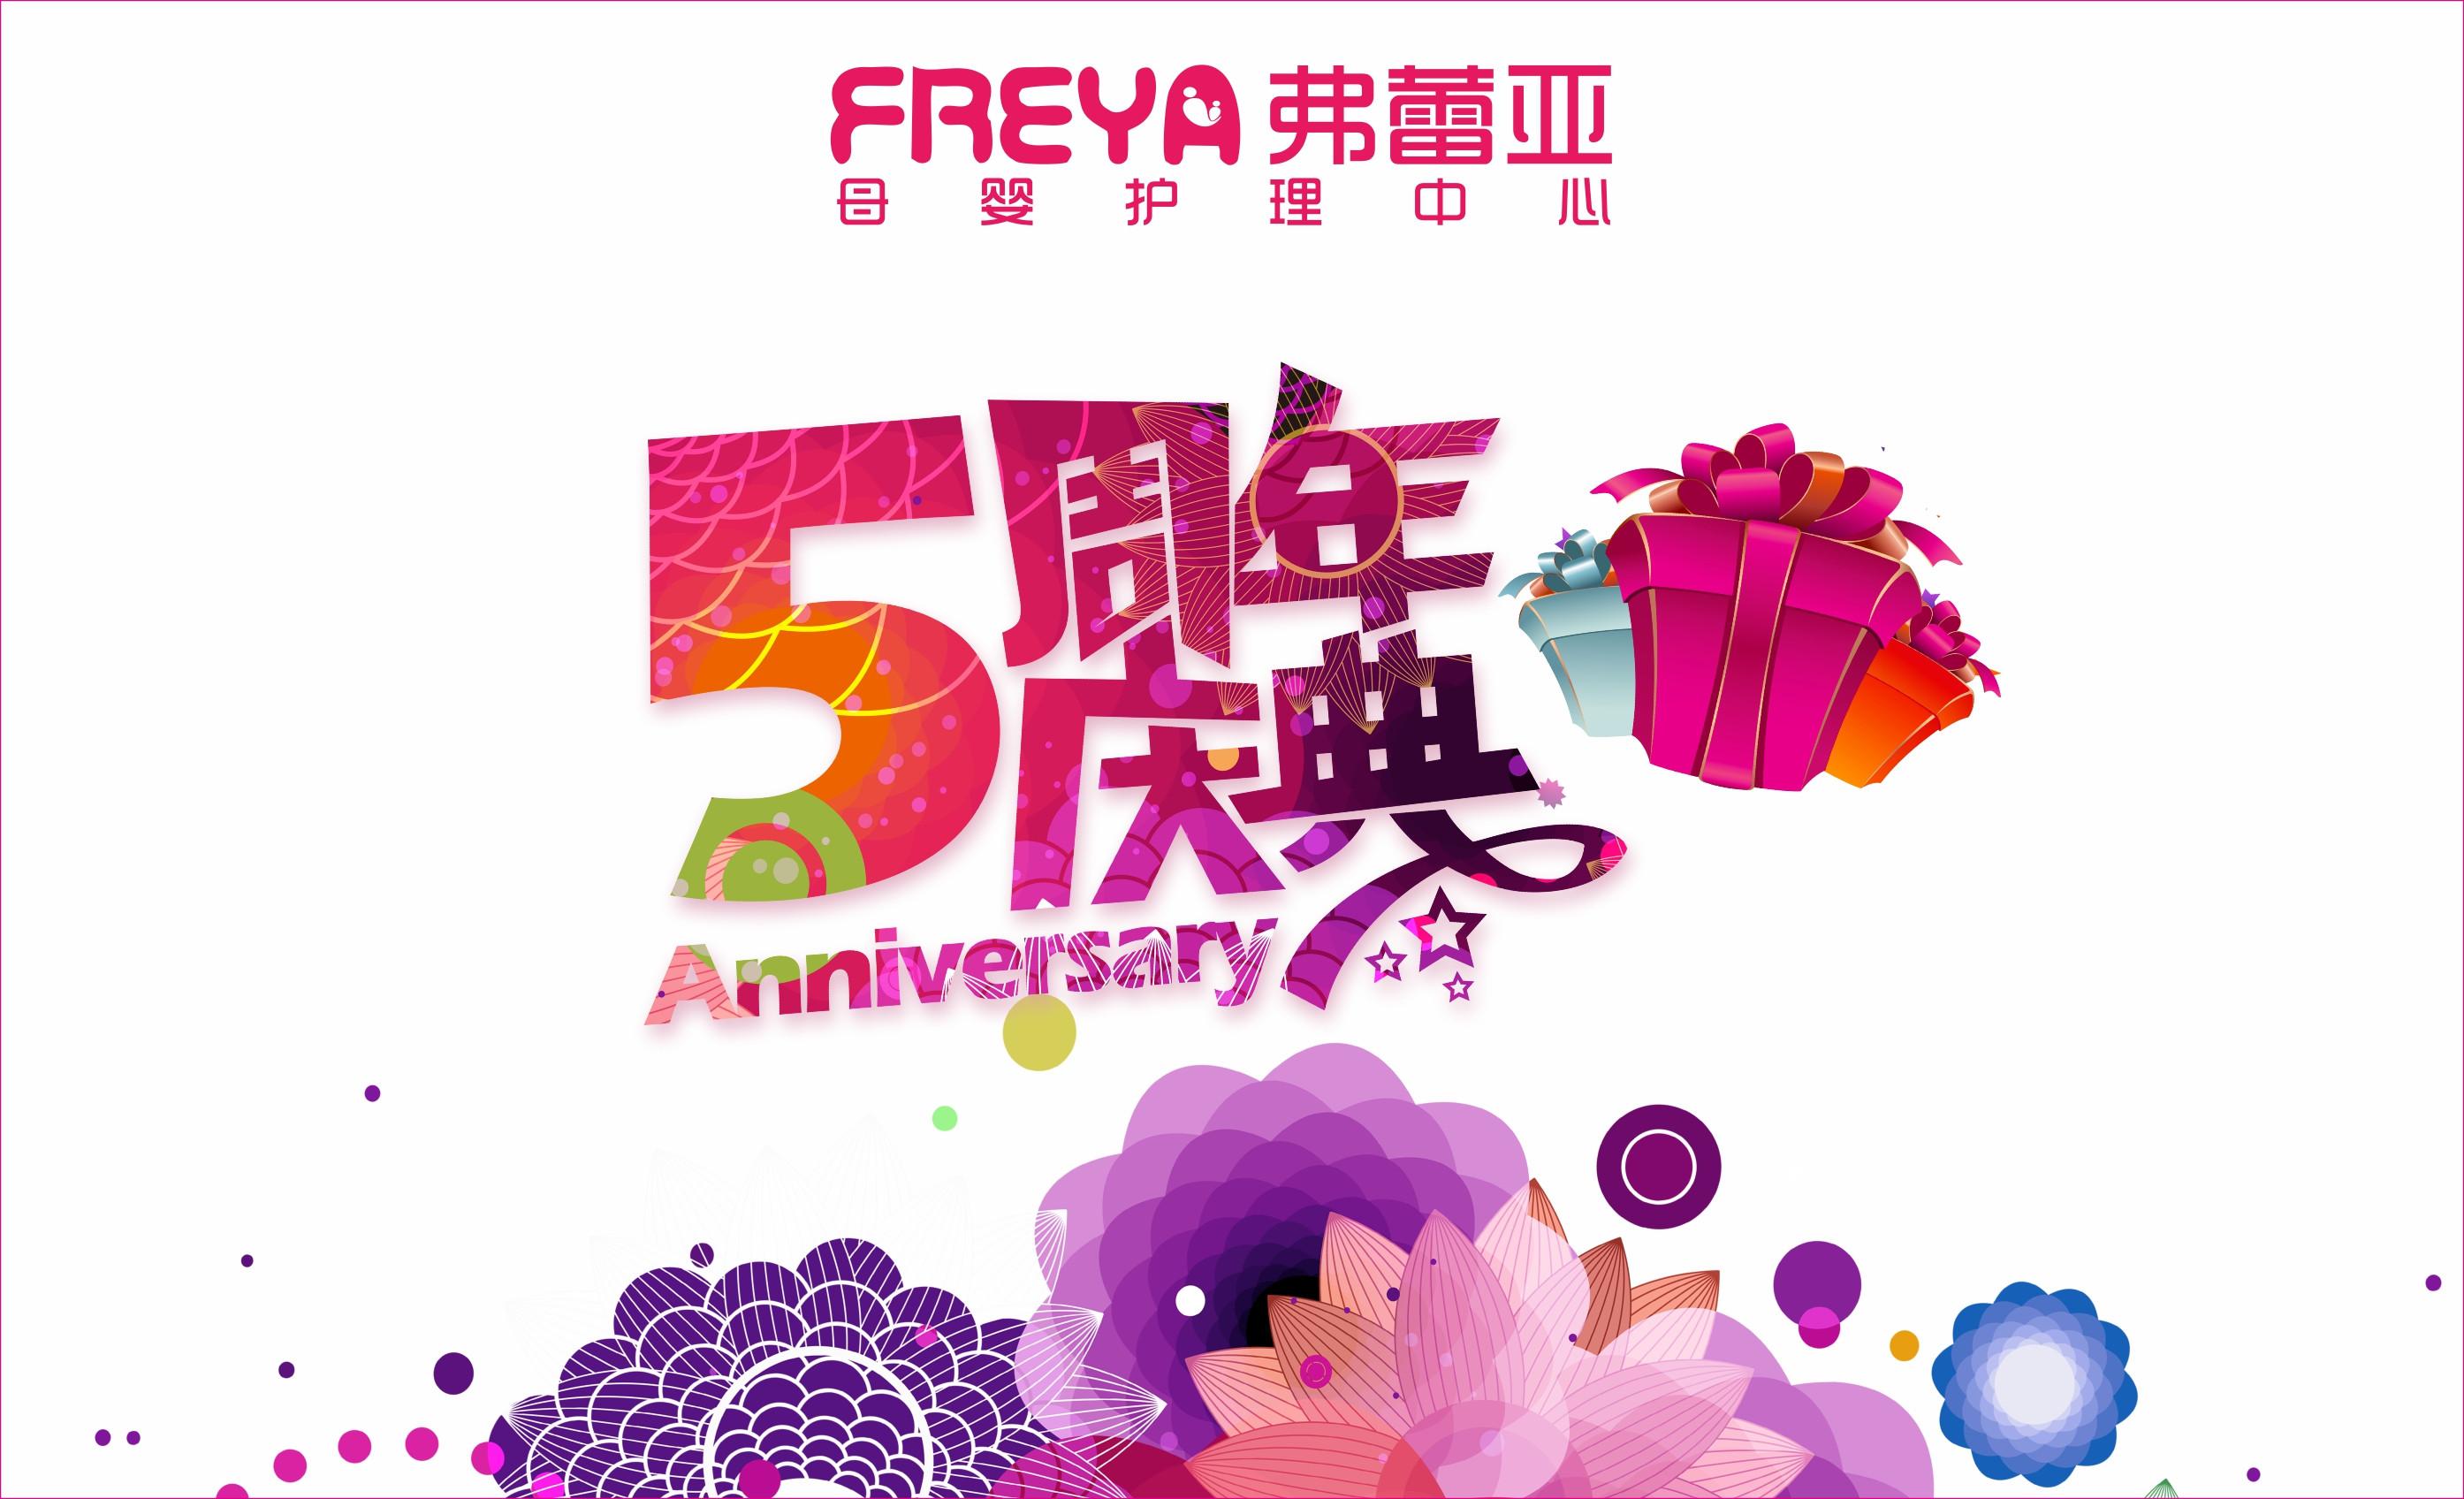 弗蕾亚店庆 5周年图_1